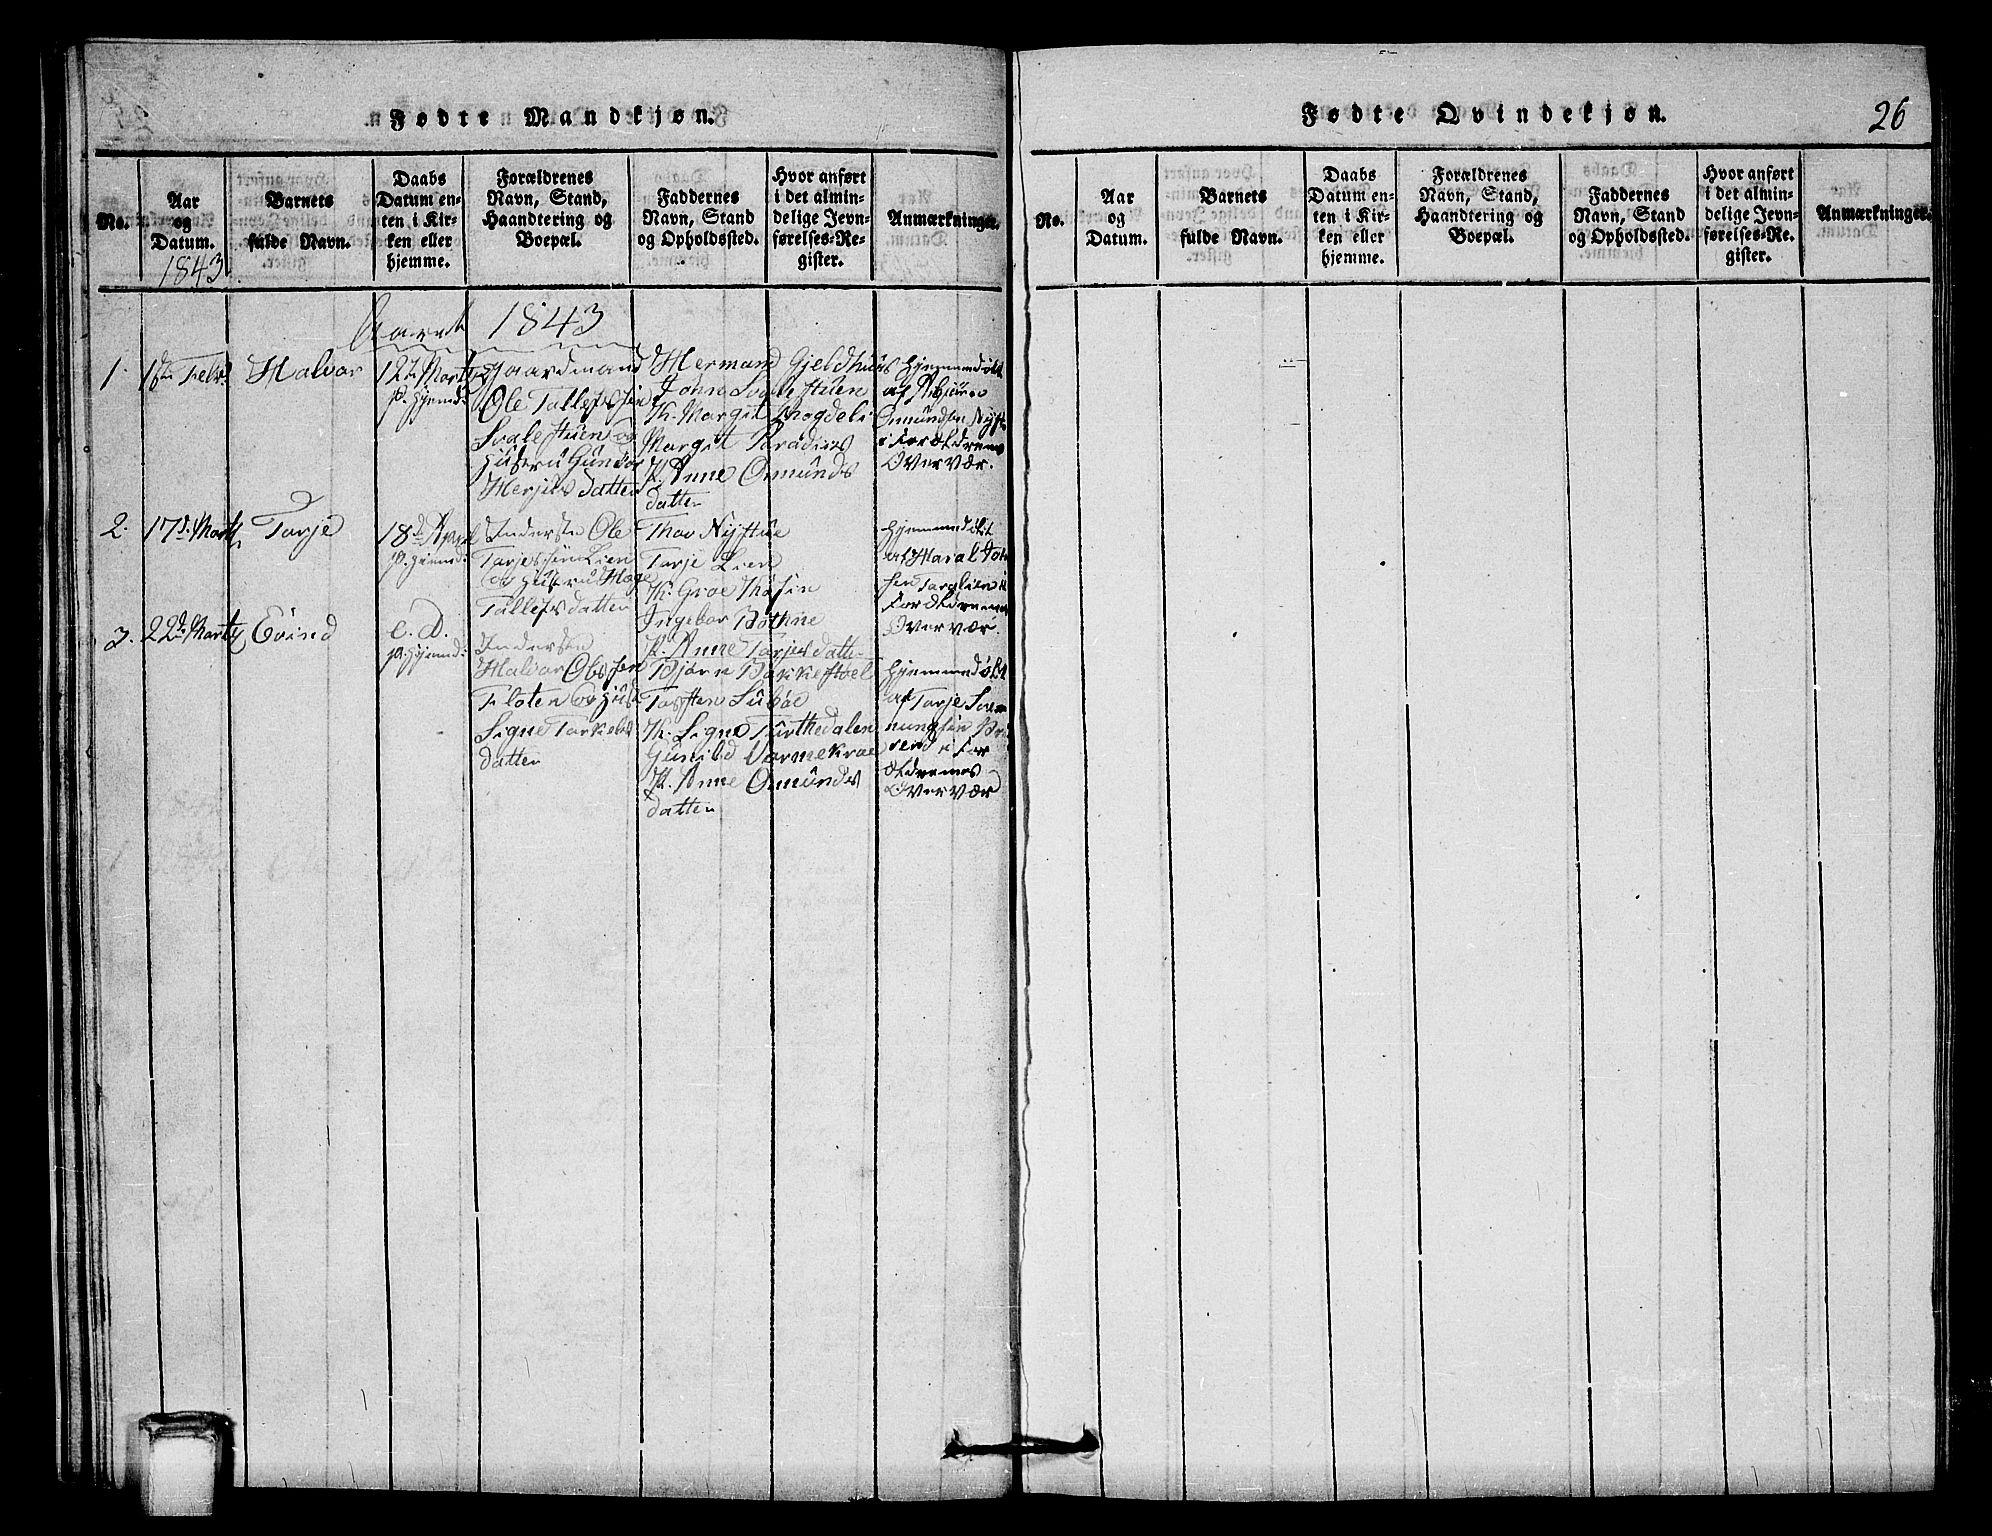 SAKO, Vinje kirkebøker, G/Gb/L0001: Klokkerbok nr. II 1, 1814-1843, s. 26